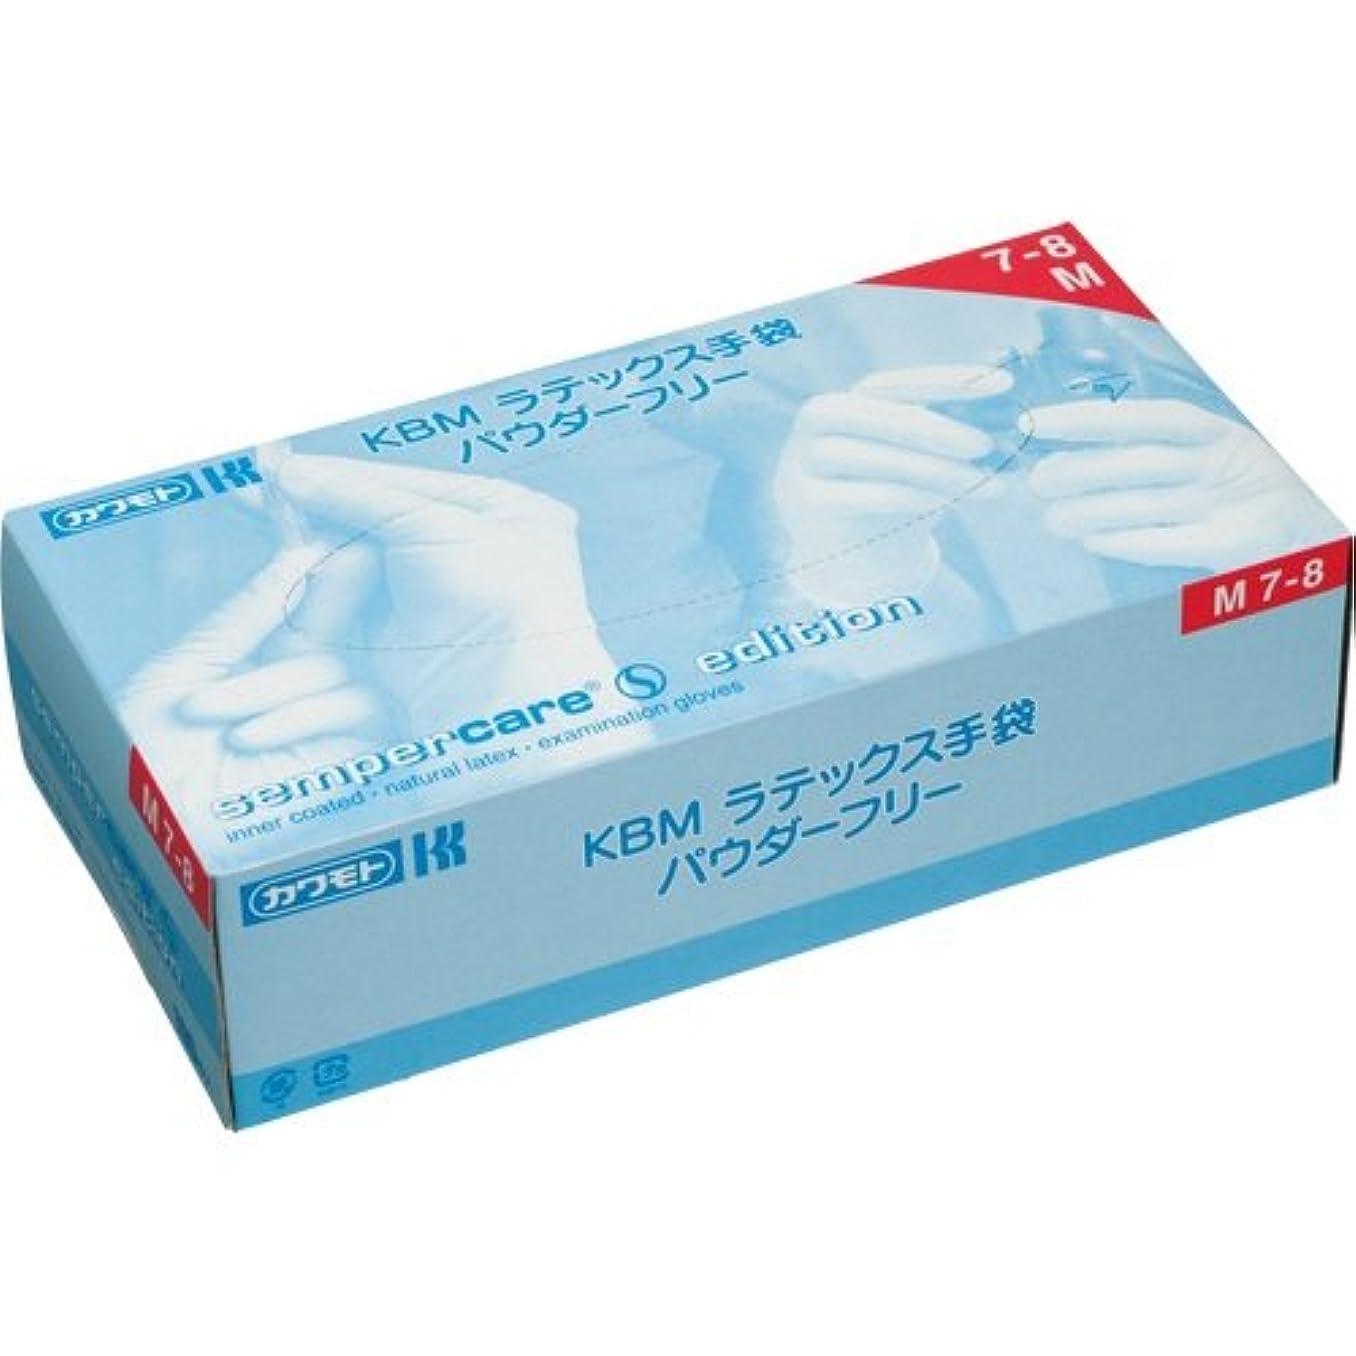 成分ヒゲクジラ誤解カワモト KBM ラテックス手袋 パウダーフリー M 1セット(300枚:100枚×3箱)